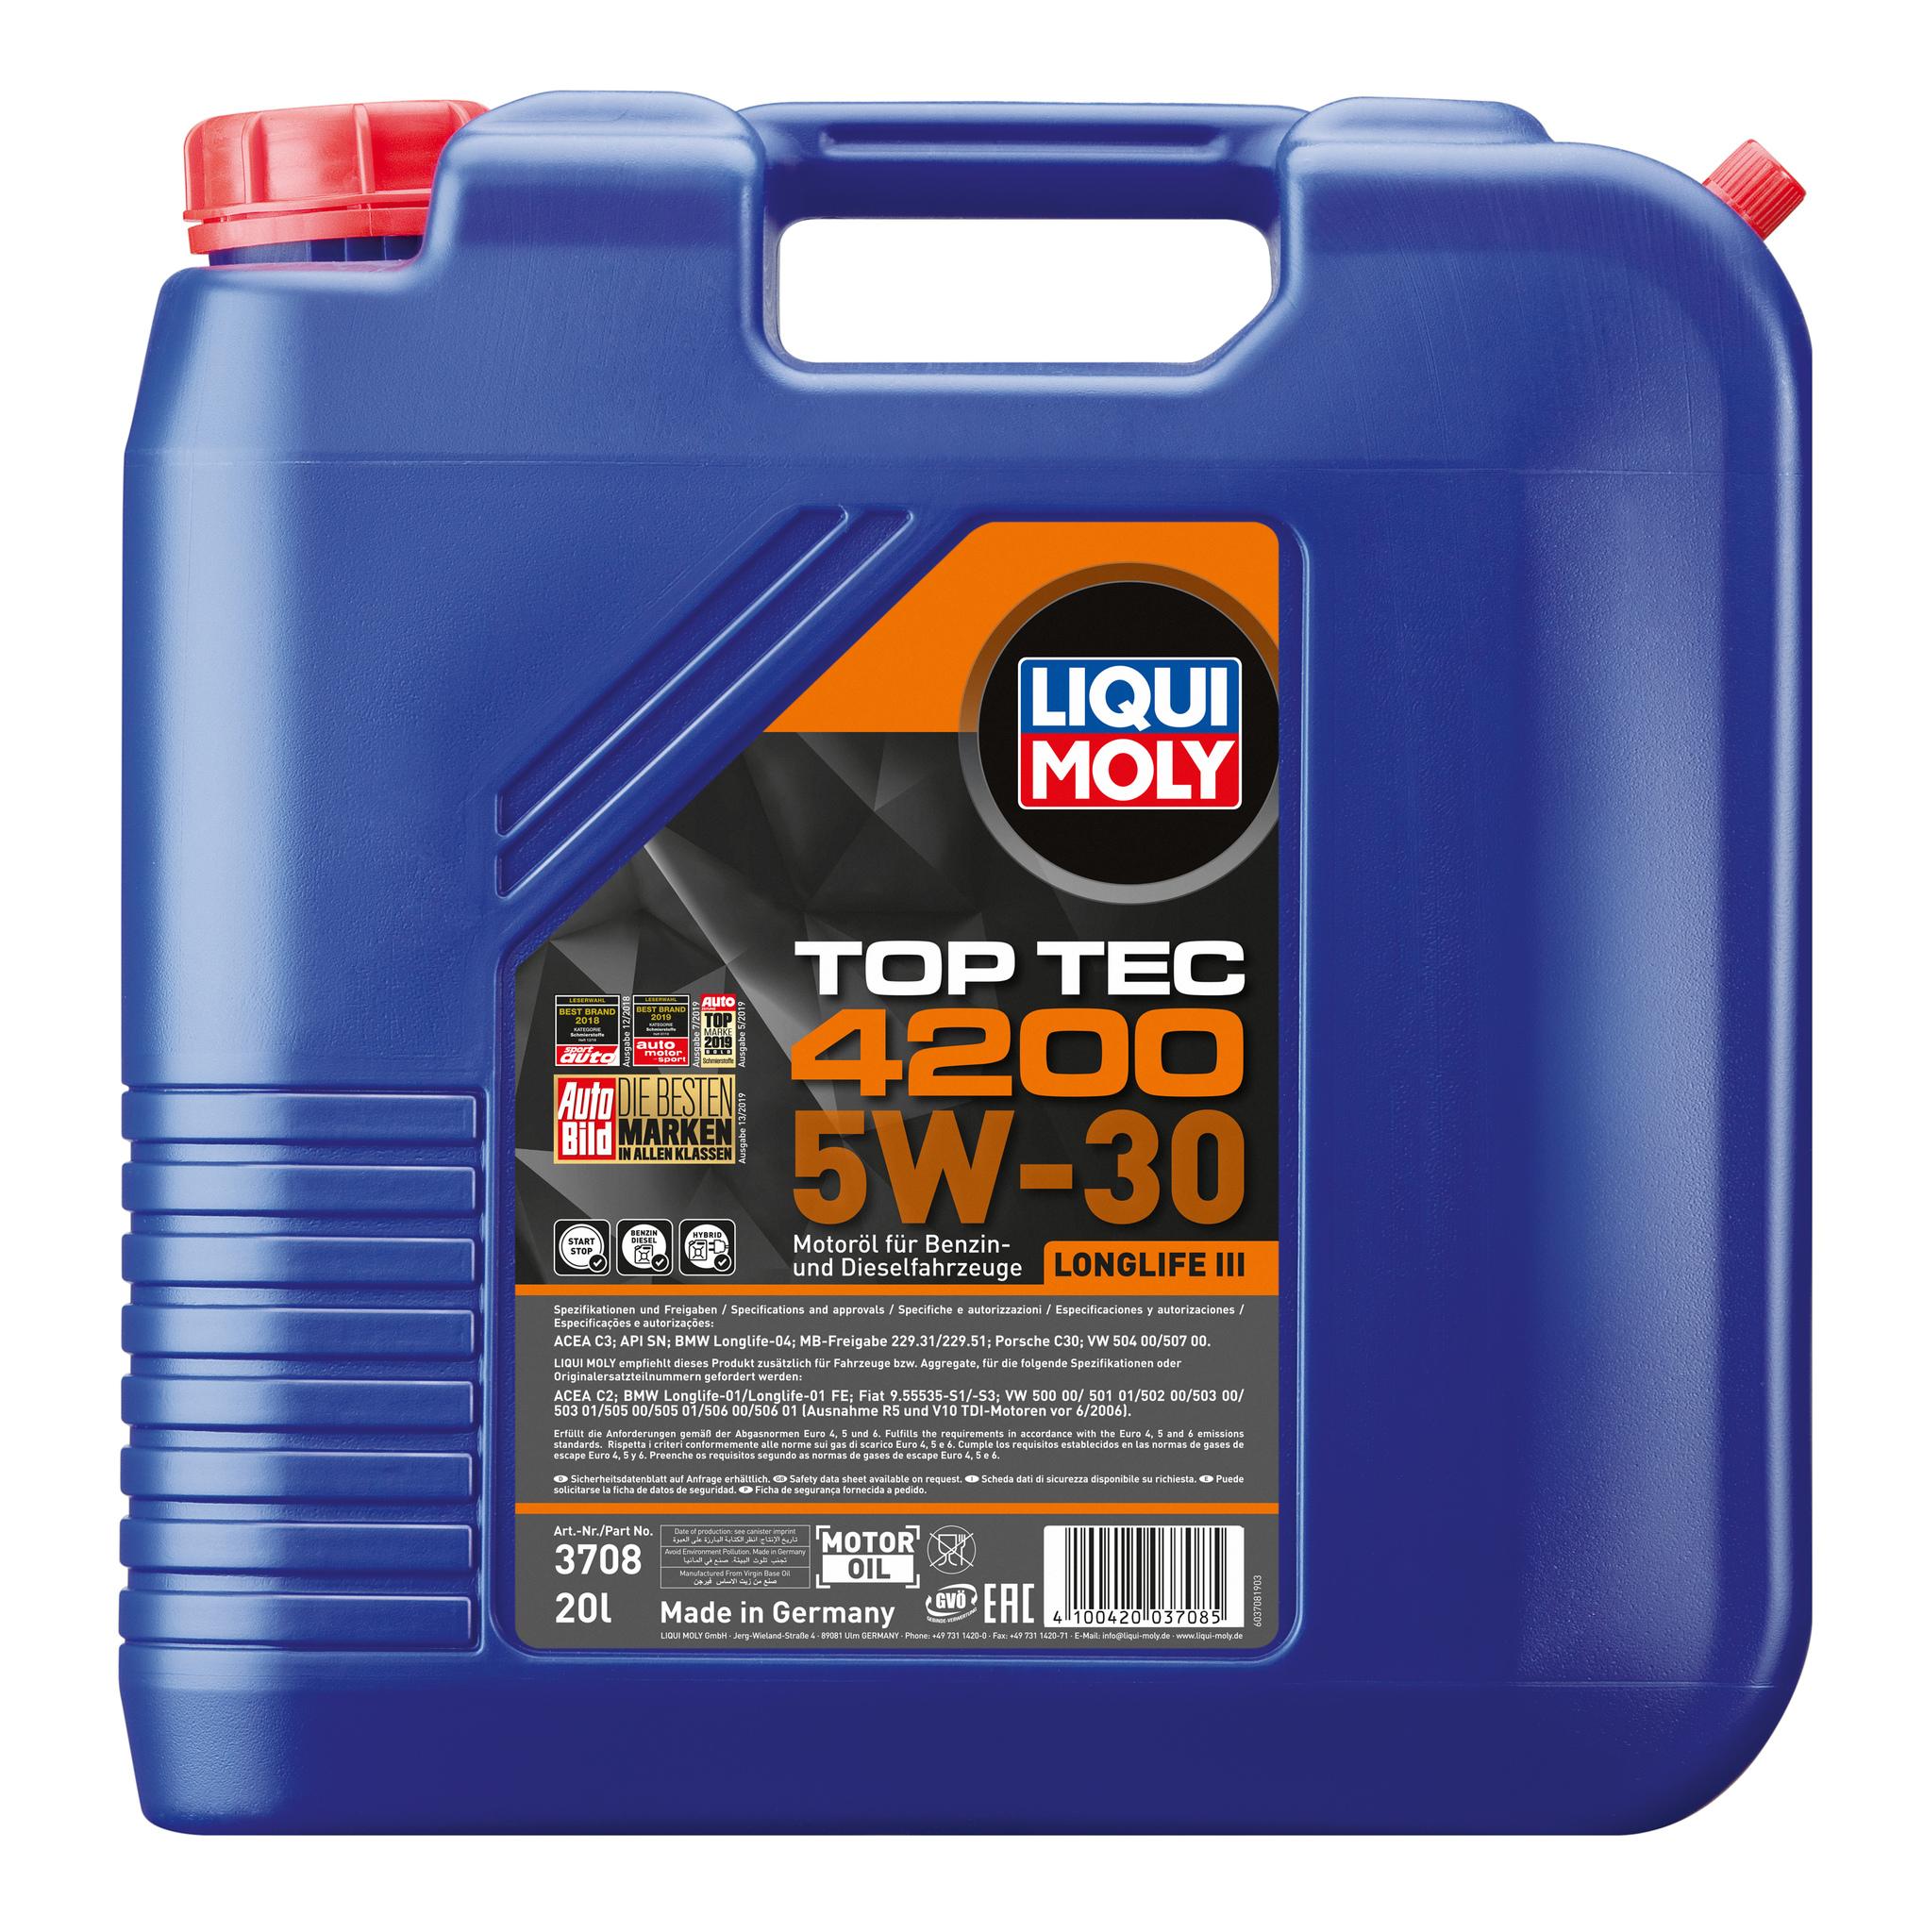 Liqui Moly Top Tec 4200 5W-30 канистра 20 л. Синтетическое масло для VW, AUDI